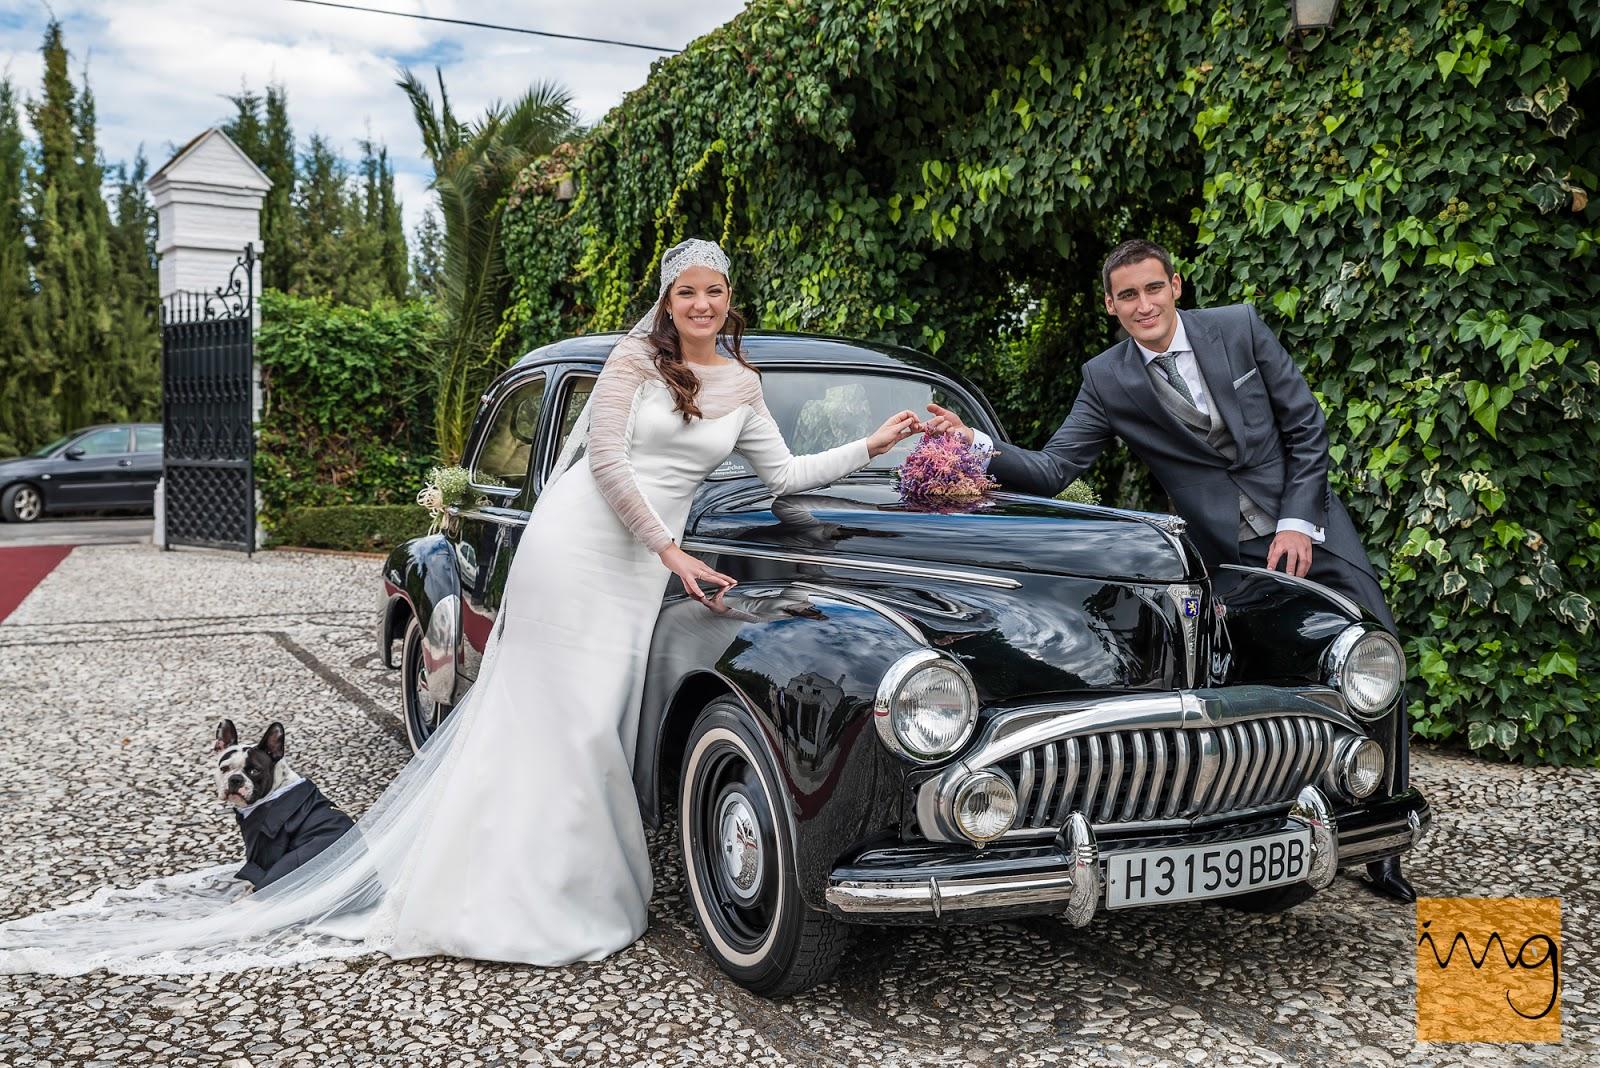 Fotografía de boda en Granada, Pose en el coche